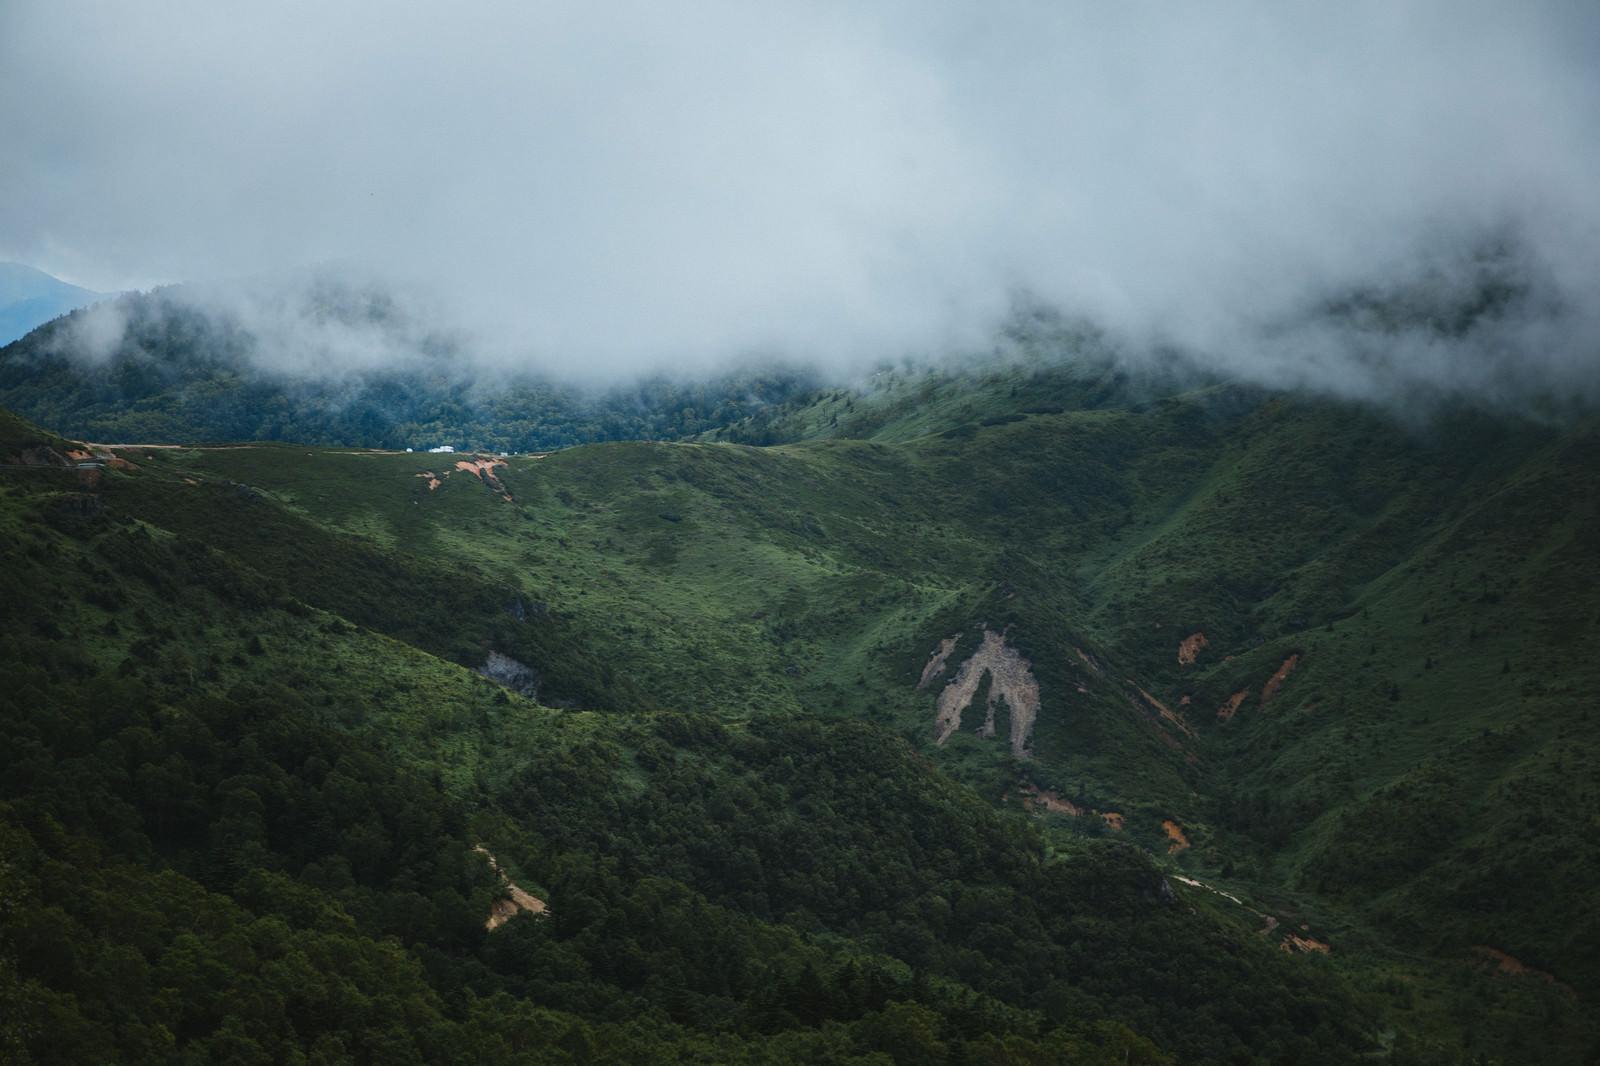 「強風が吹き抜ける毛無峠の谷」の写真